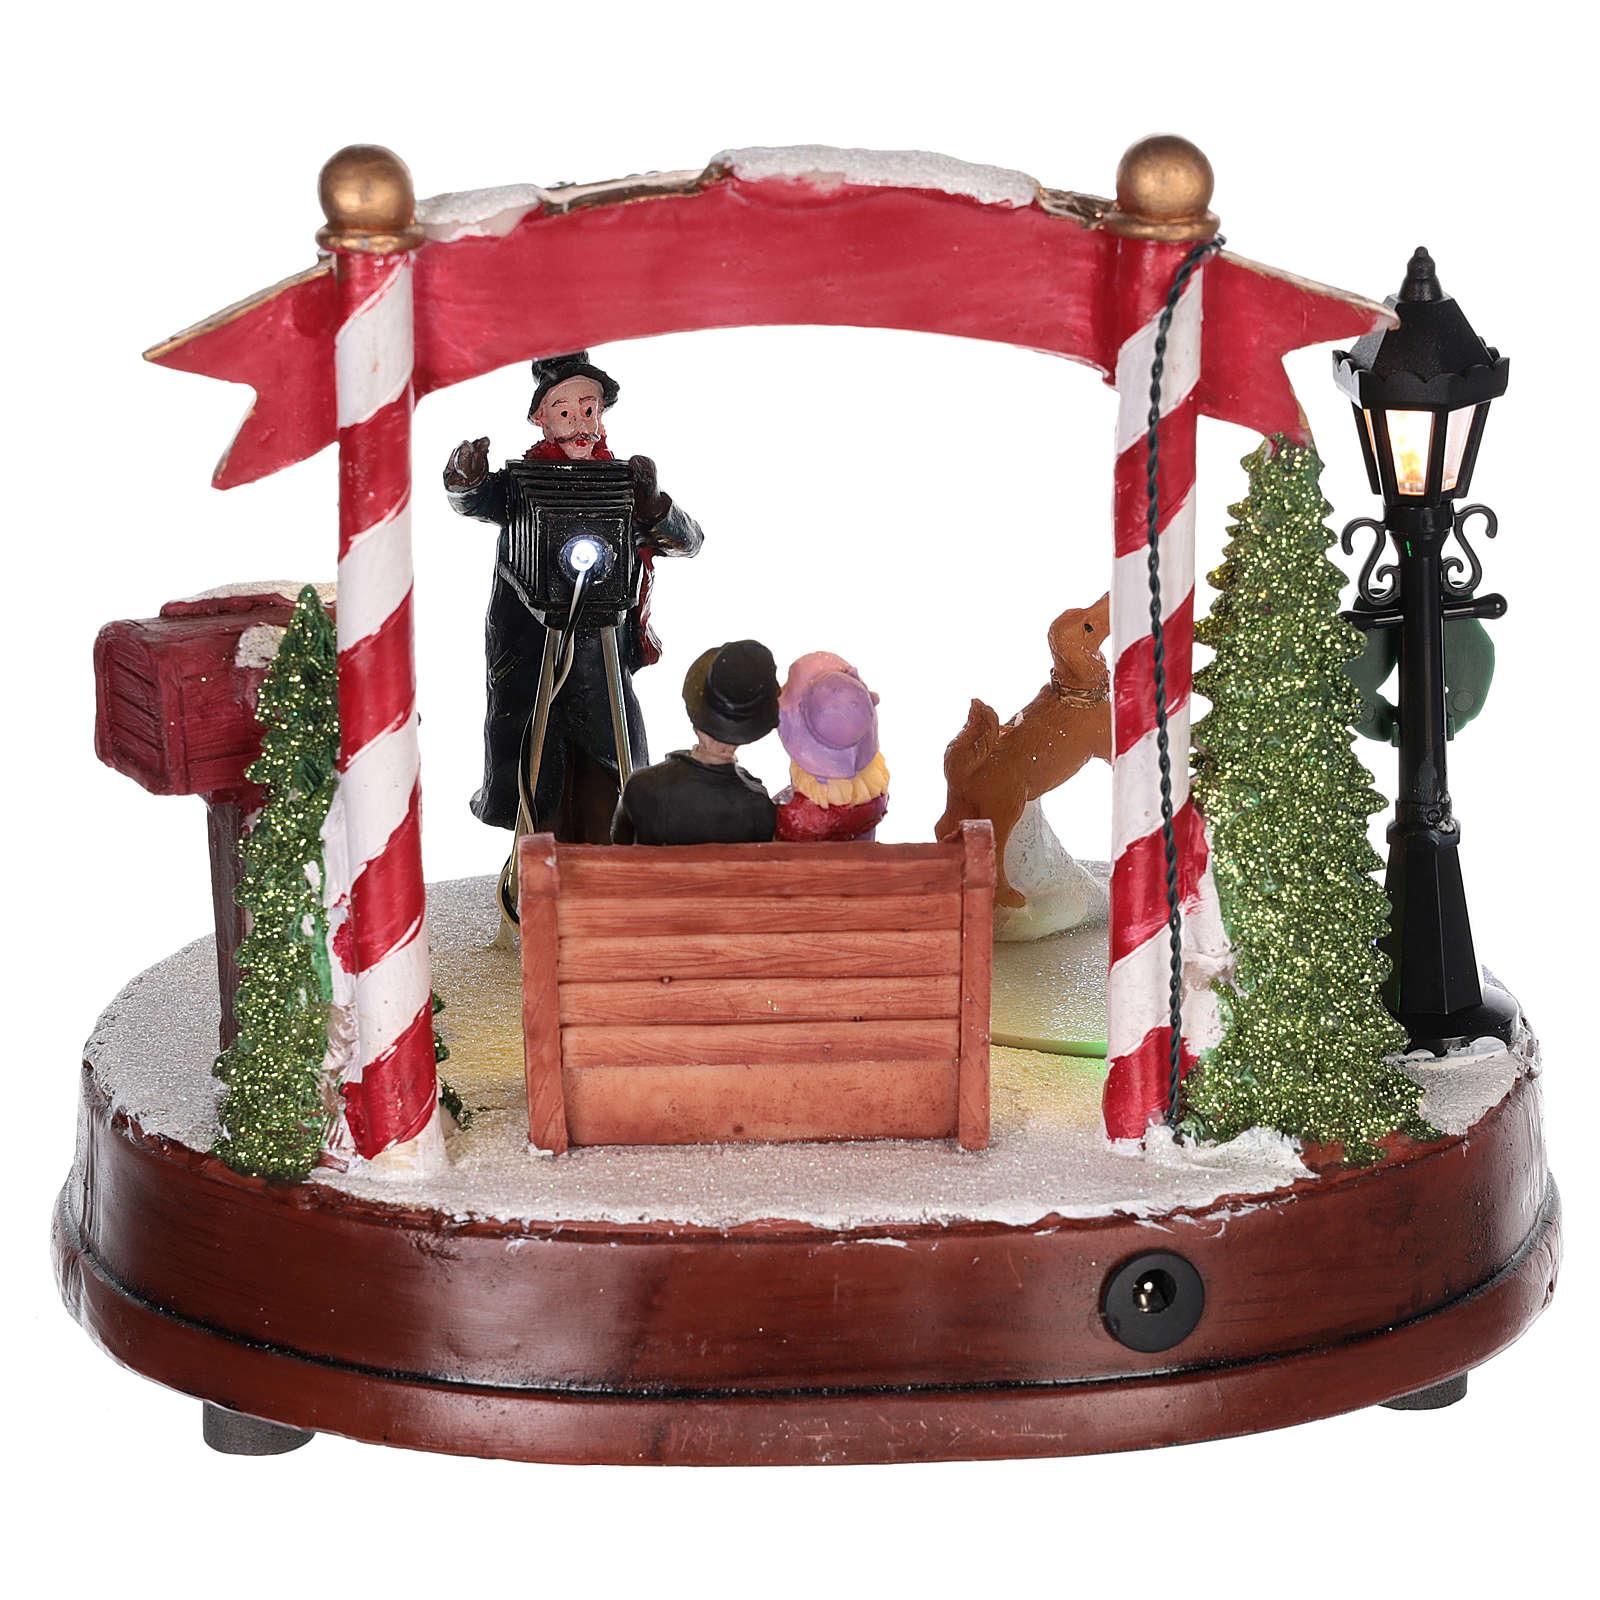 Escena para pueblo navideño: fotógrafo 15x20 cm 3